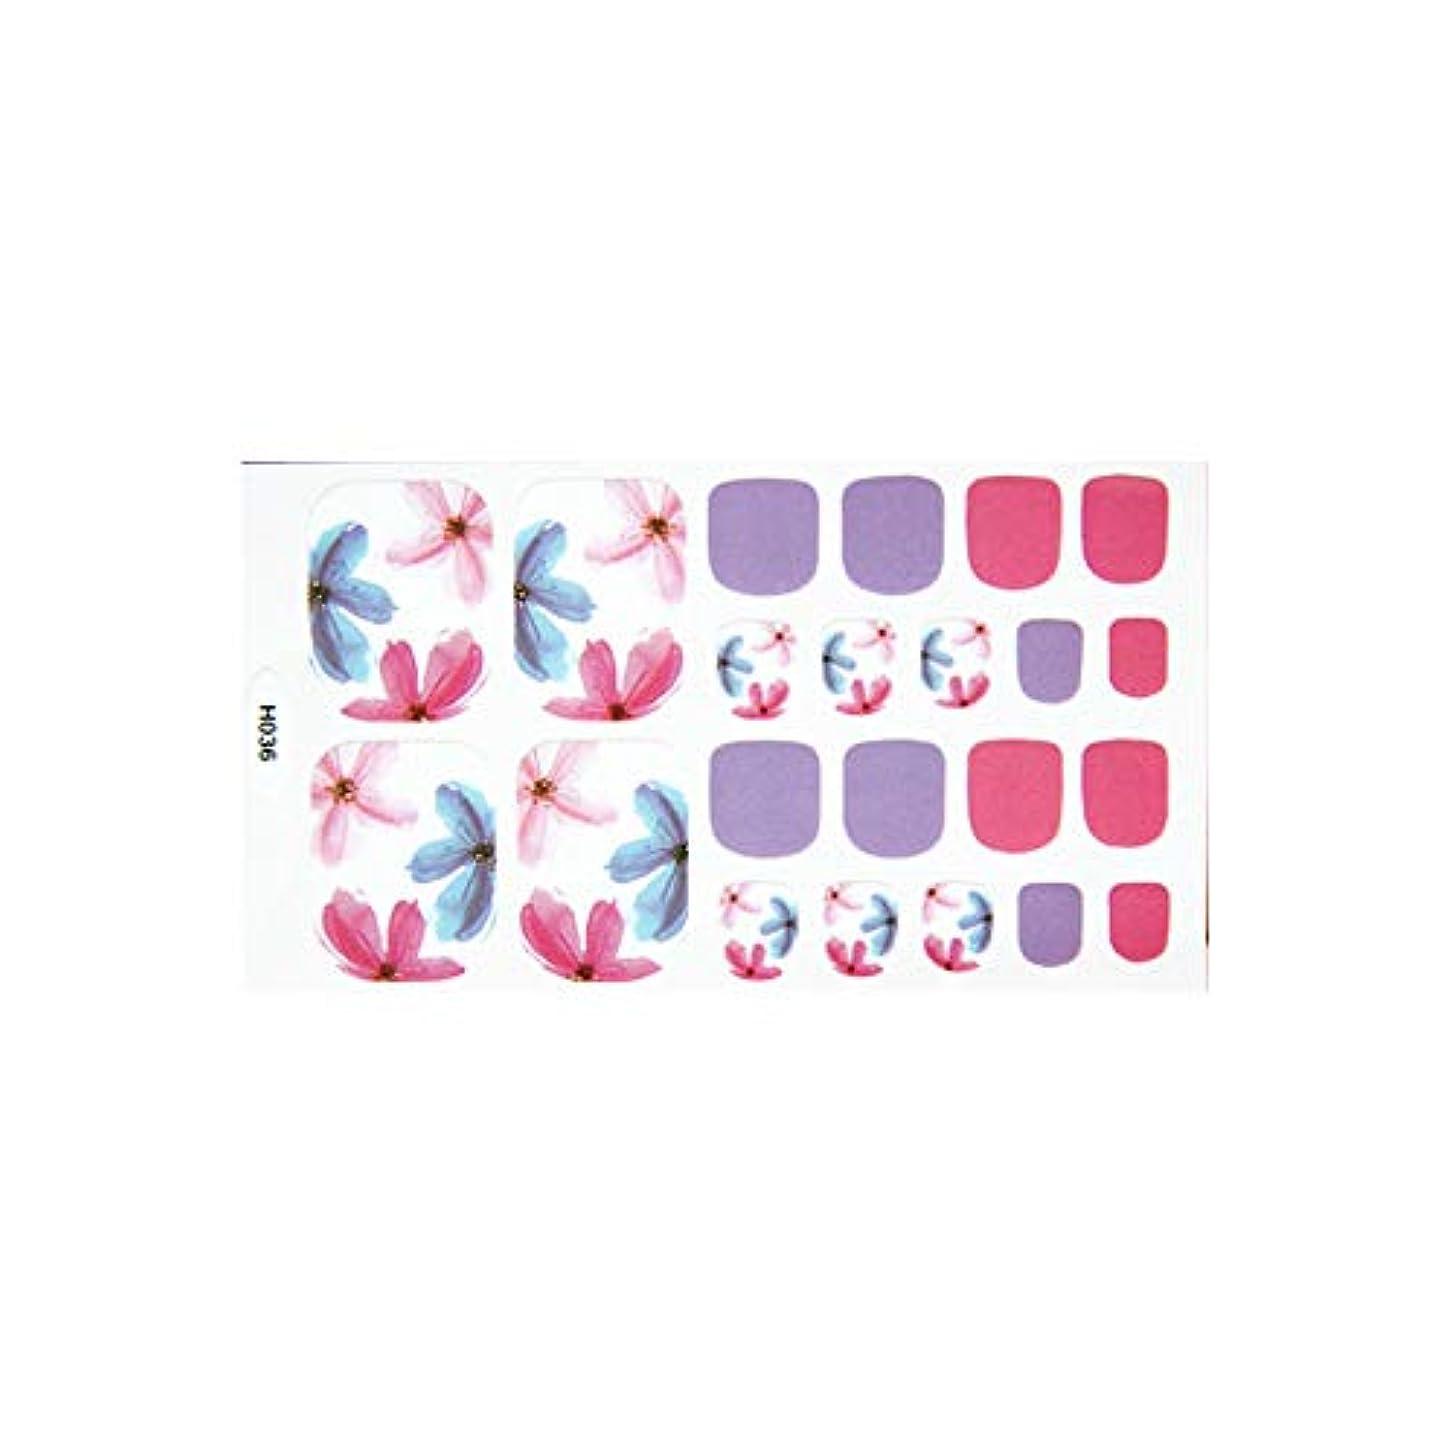 日食商業のロッカーネイルアート ファッションネイルラップシール【タイプ6】【フット】ハンド フット ネイルラップ ネイルシールデザインシール